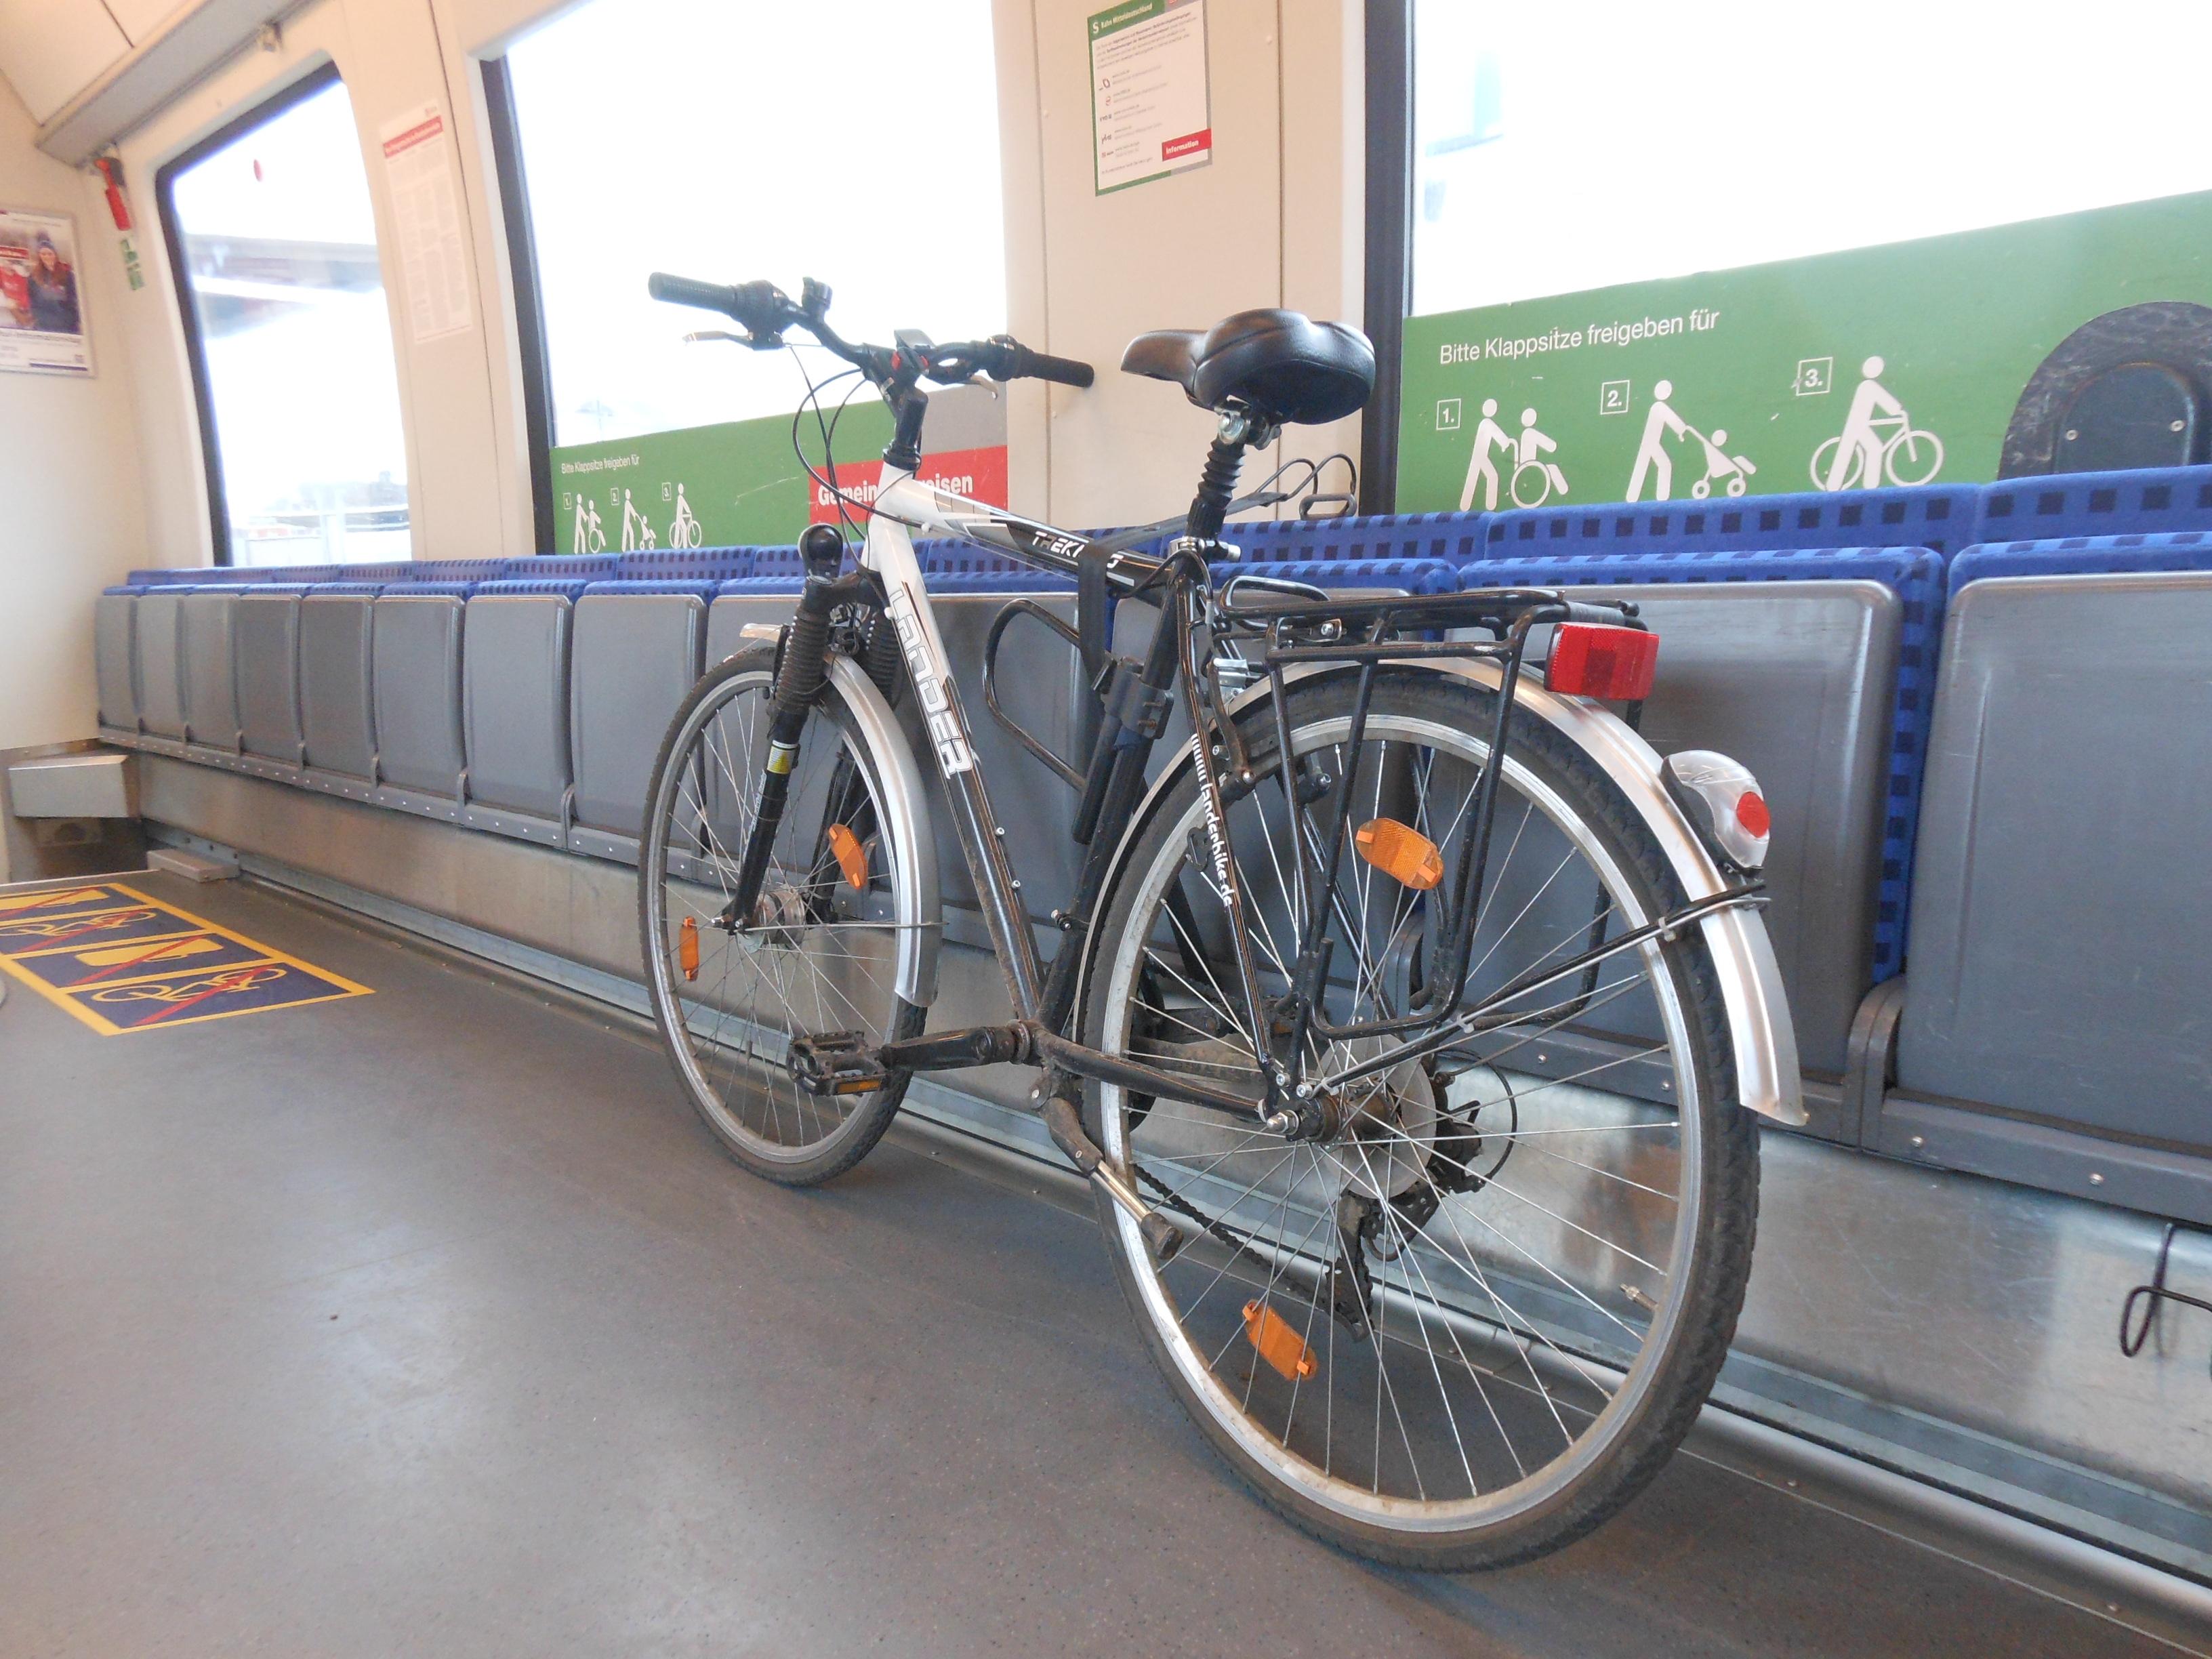 S-Bahn S4